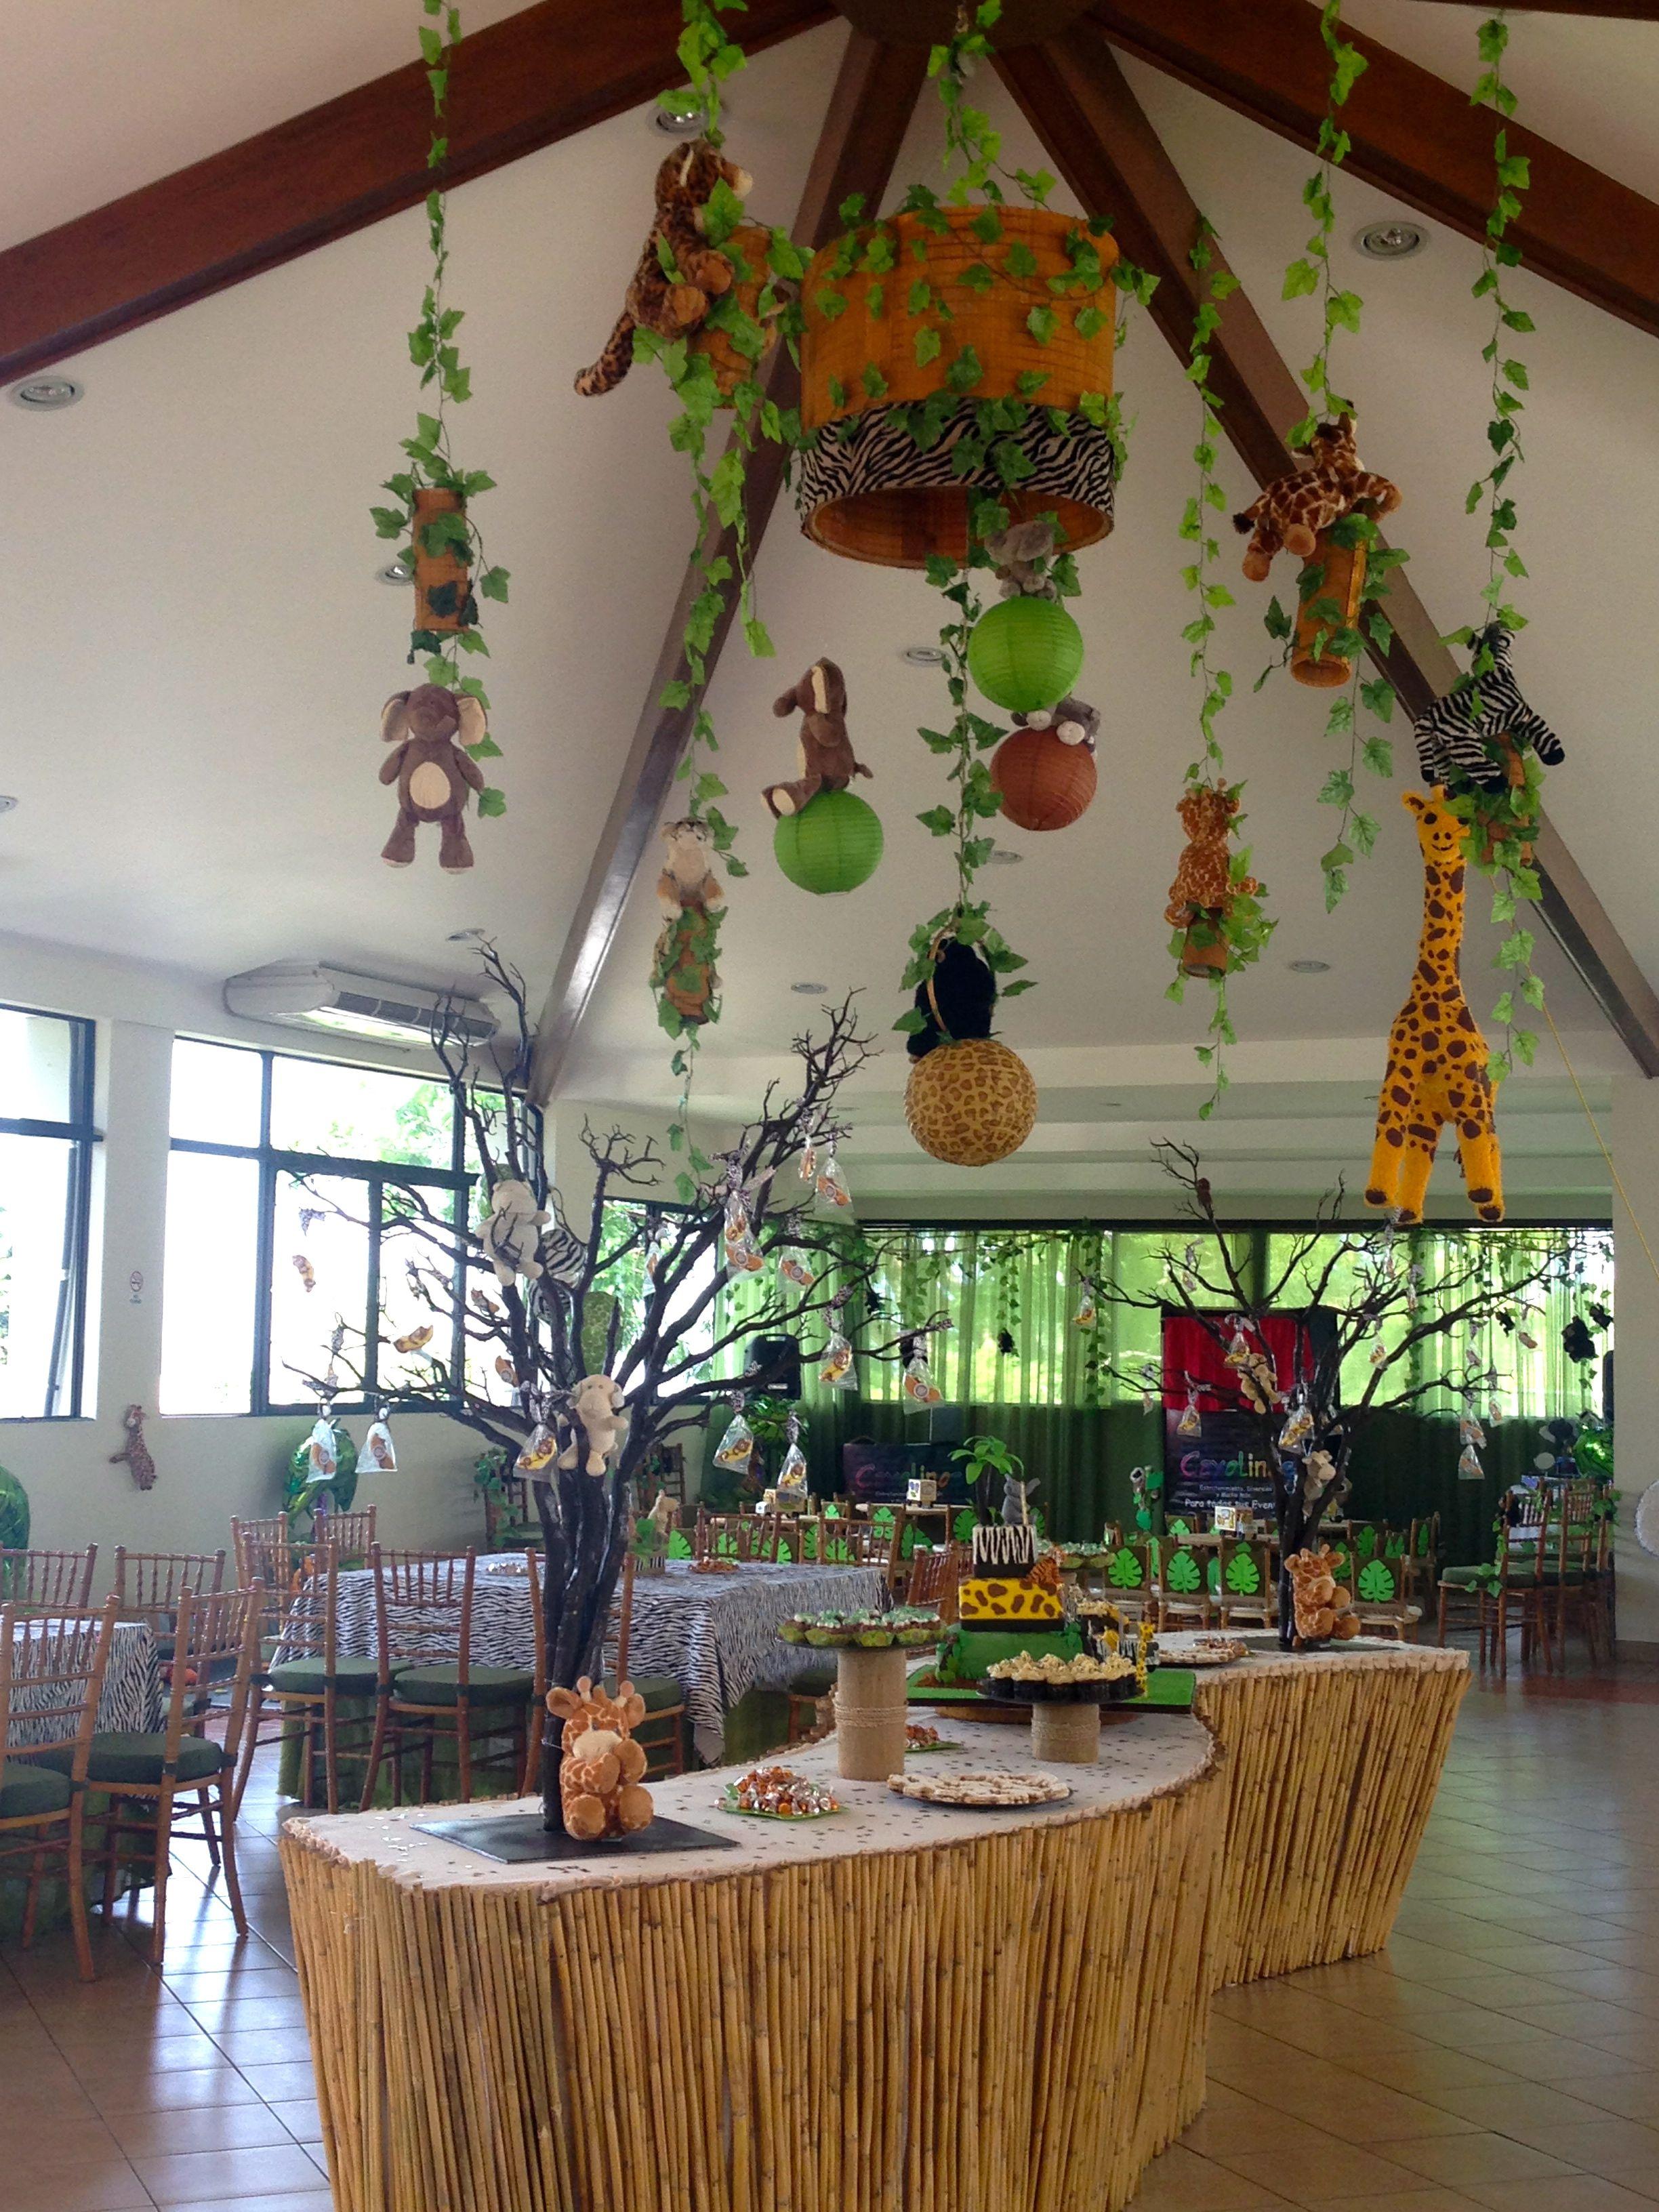 Decoracion de techo fiesta infantil jungla eventos by - Decoracion de techos ...